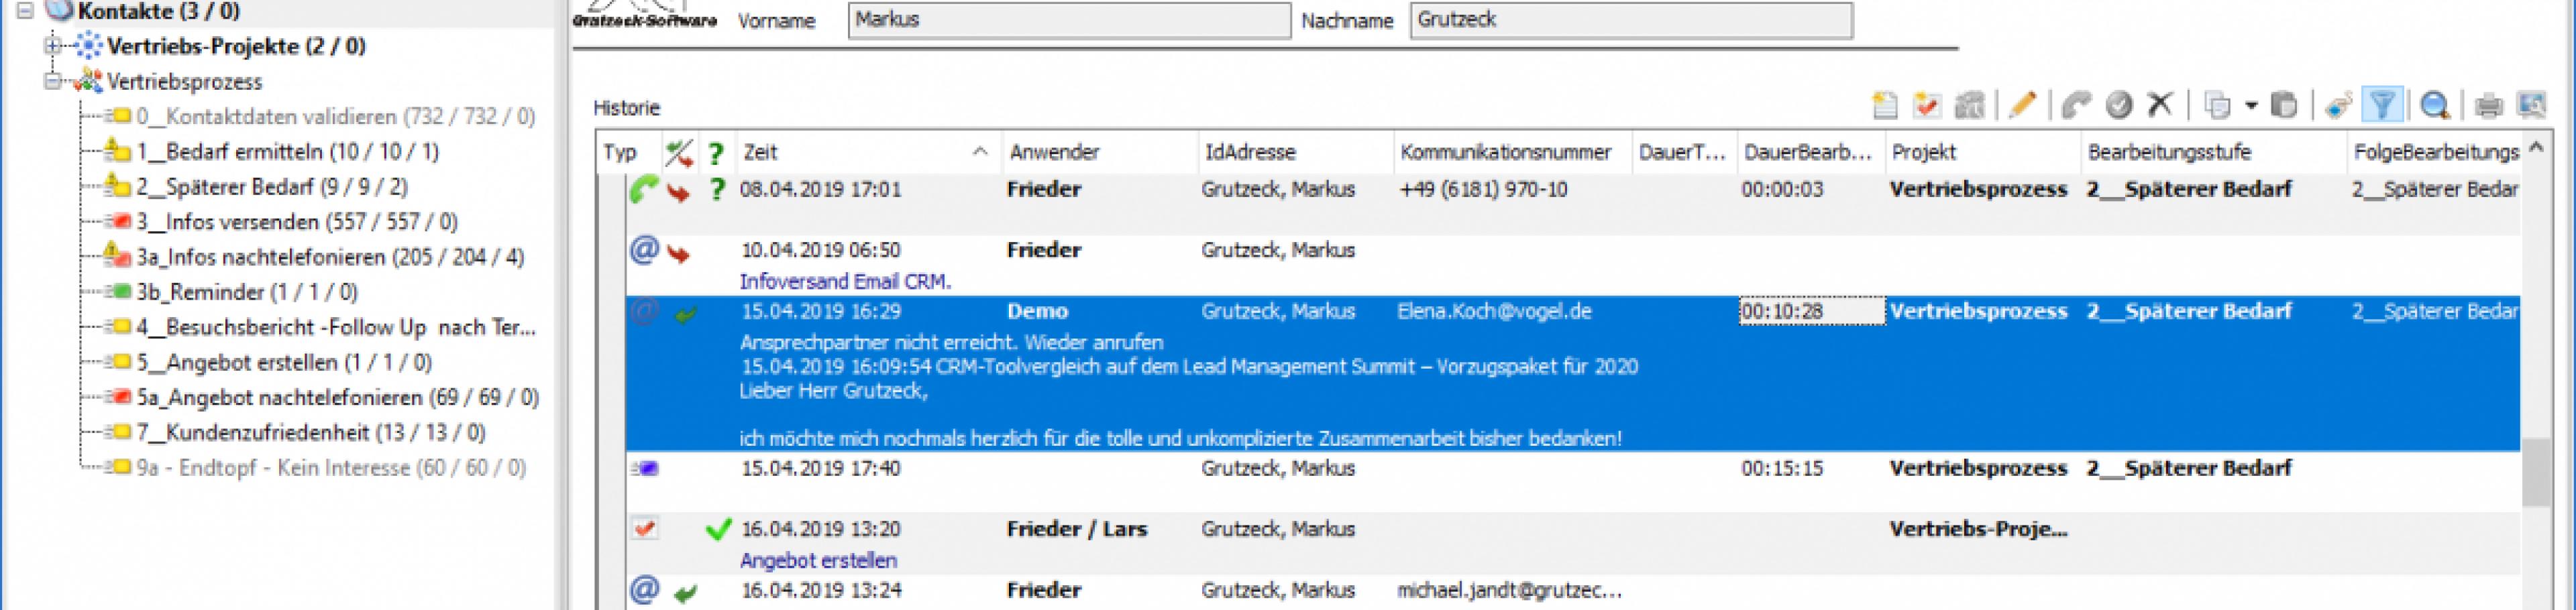 CRM Software AG-VIP - Kontakthistorie